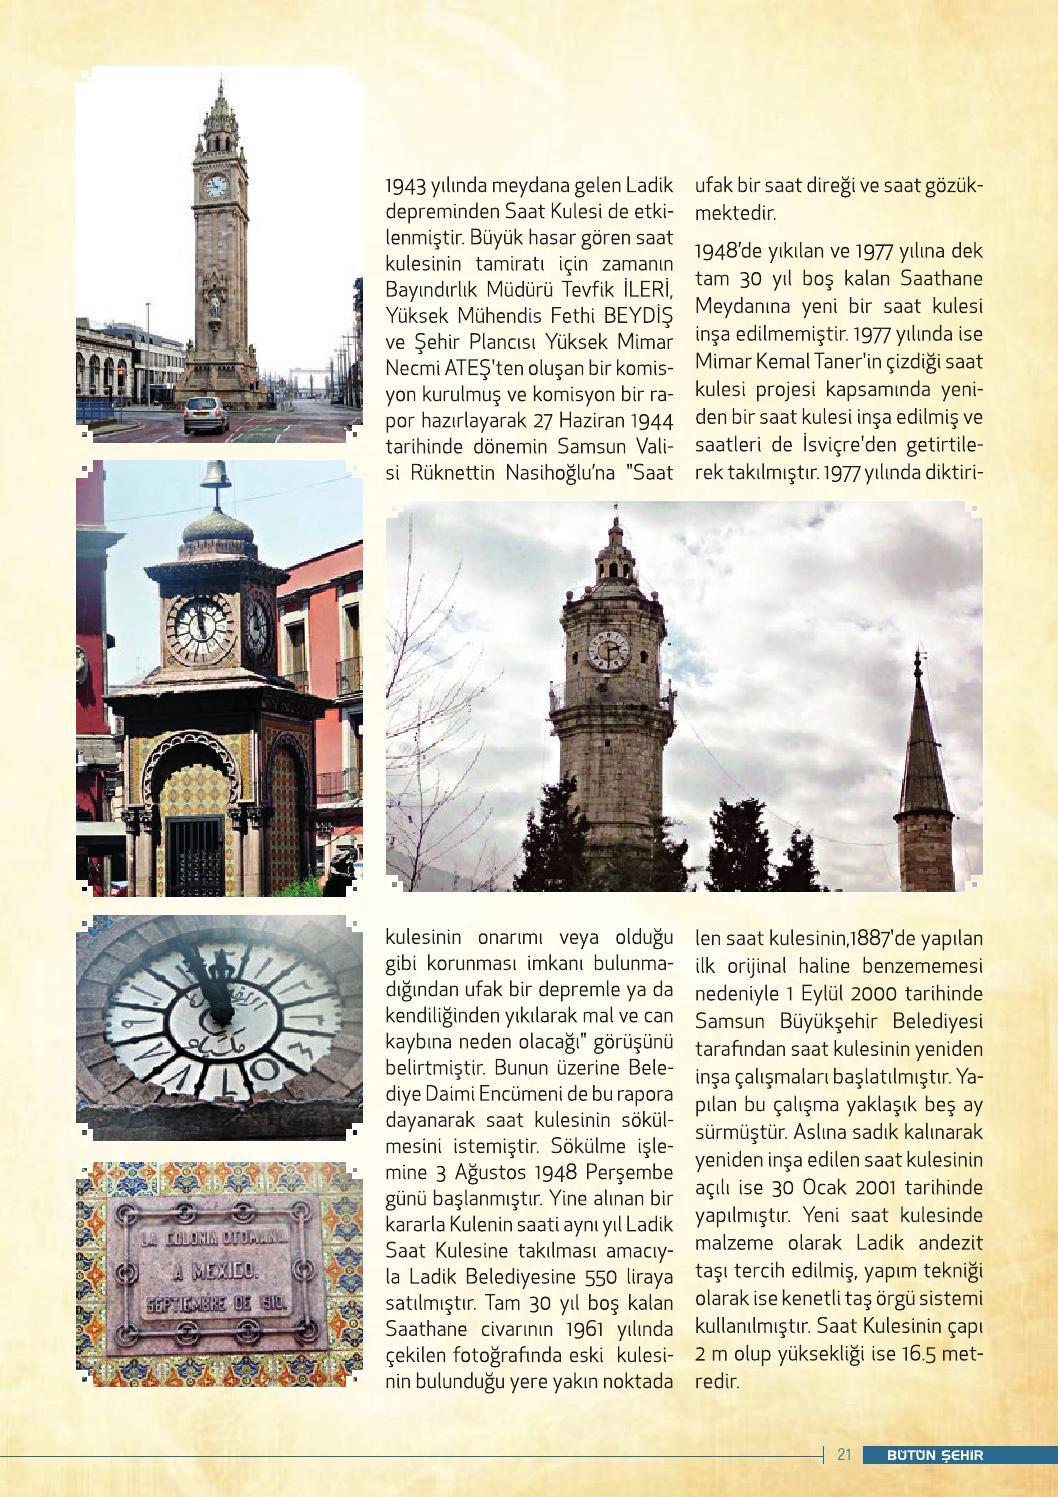 Saat Kuleleri ve Samsun Saat Kulesi